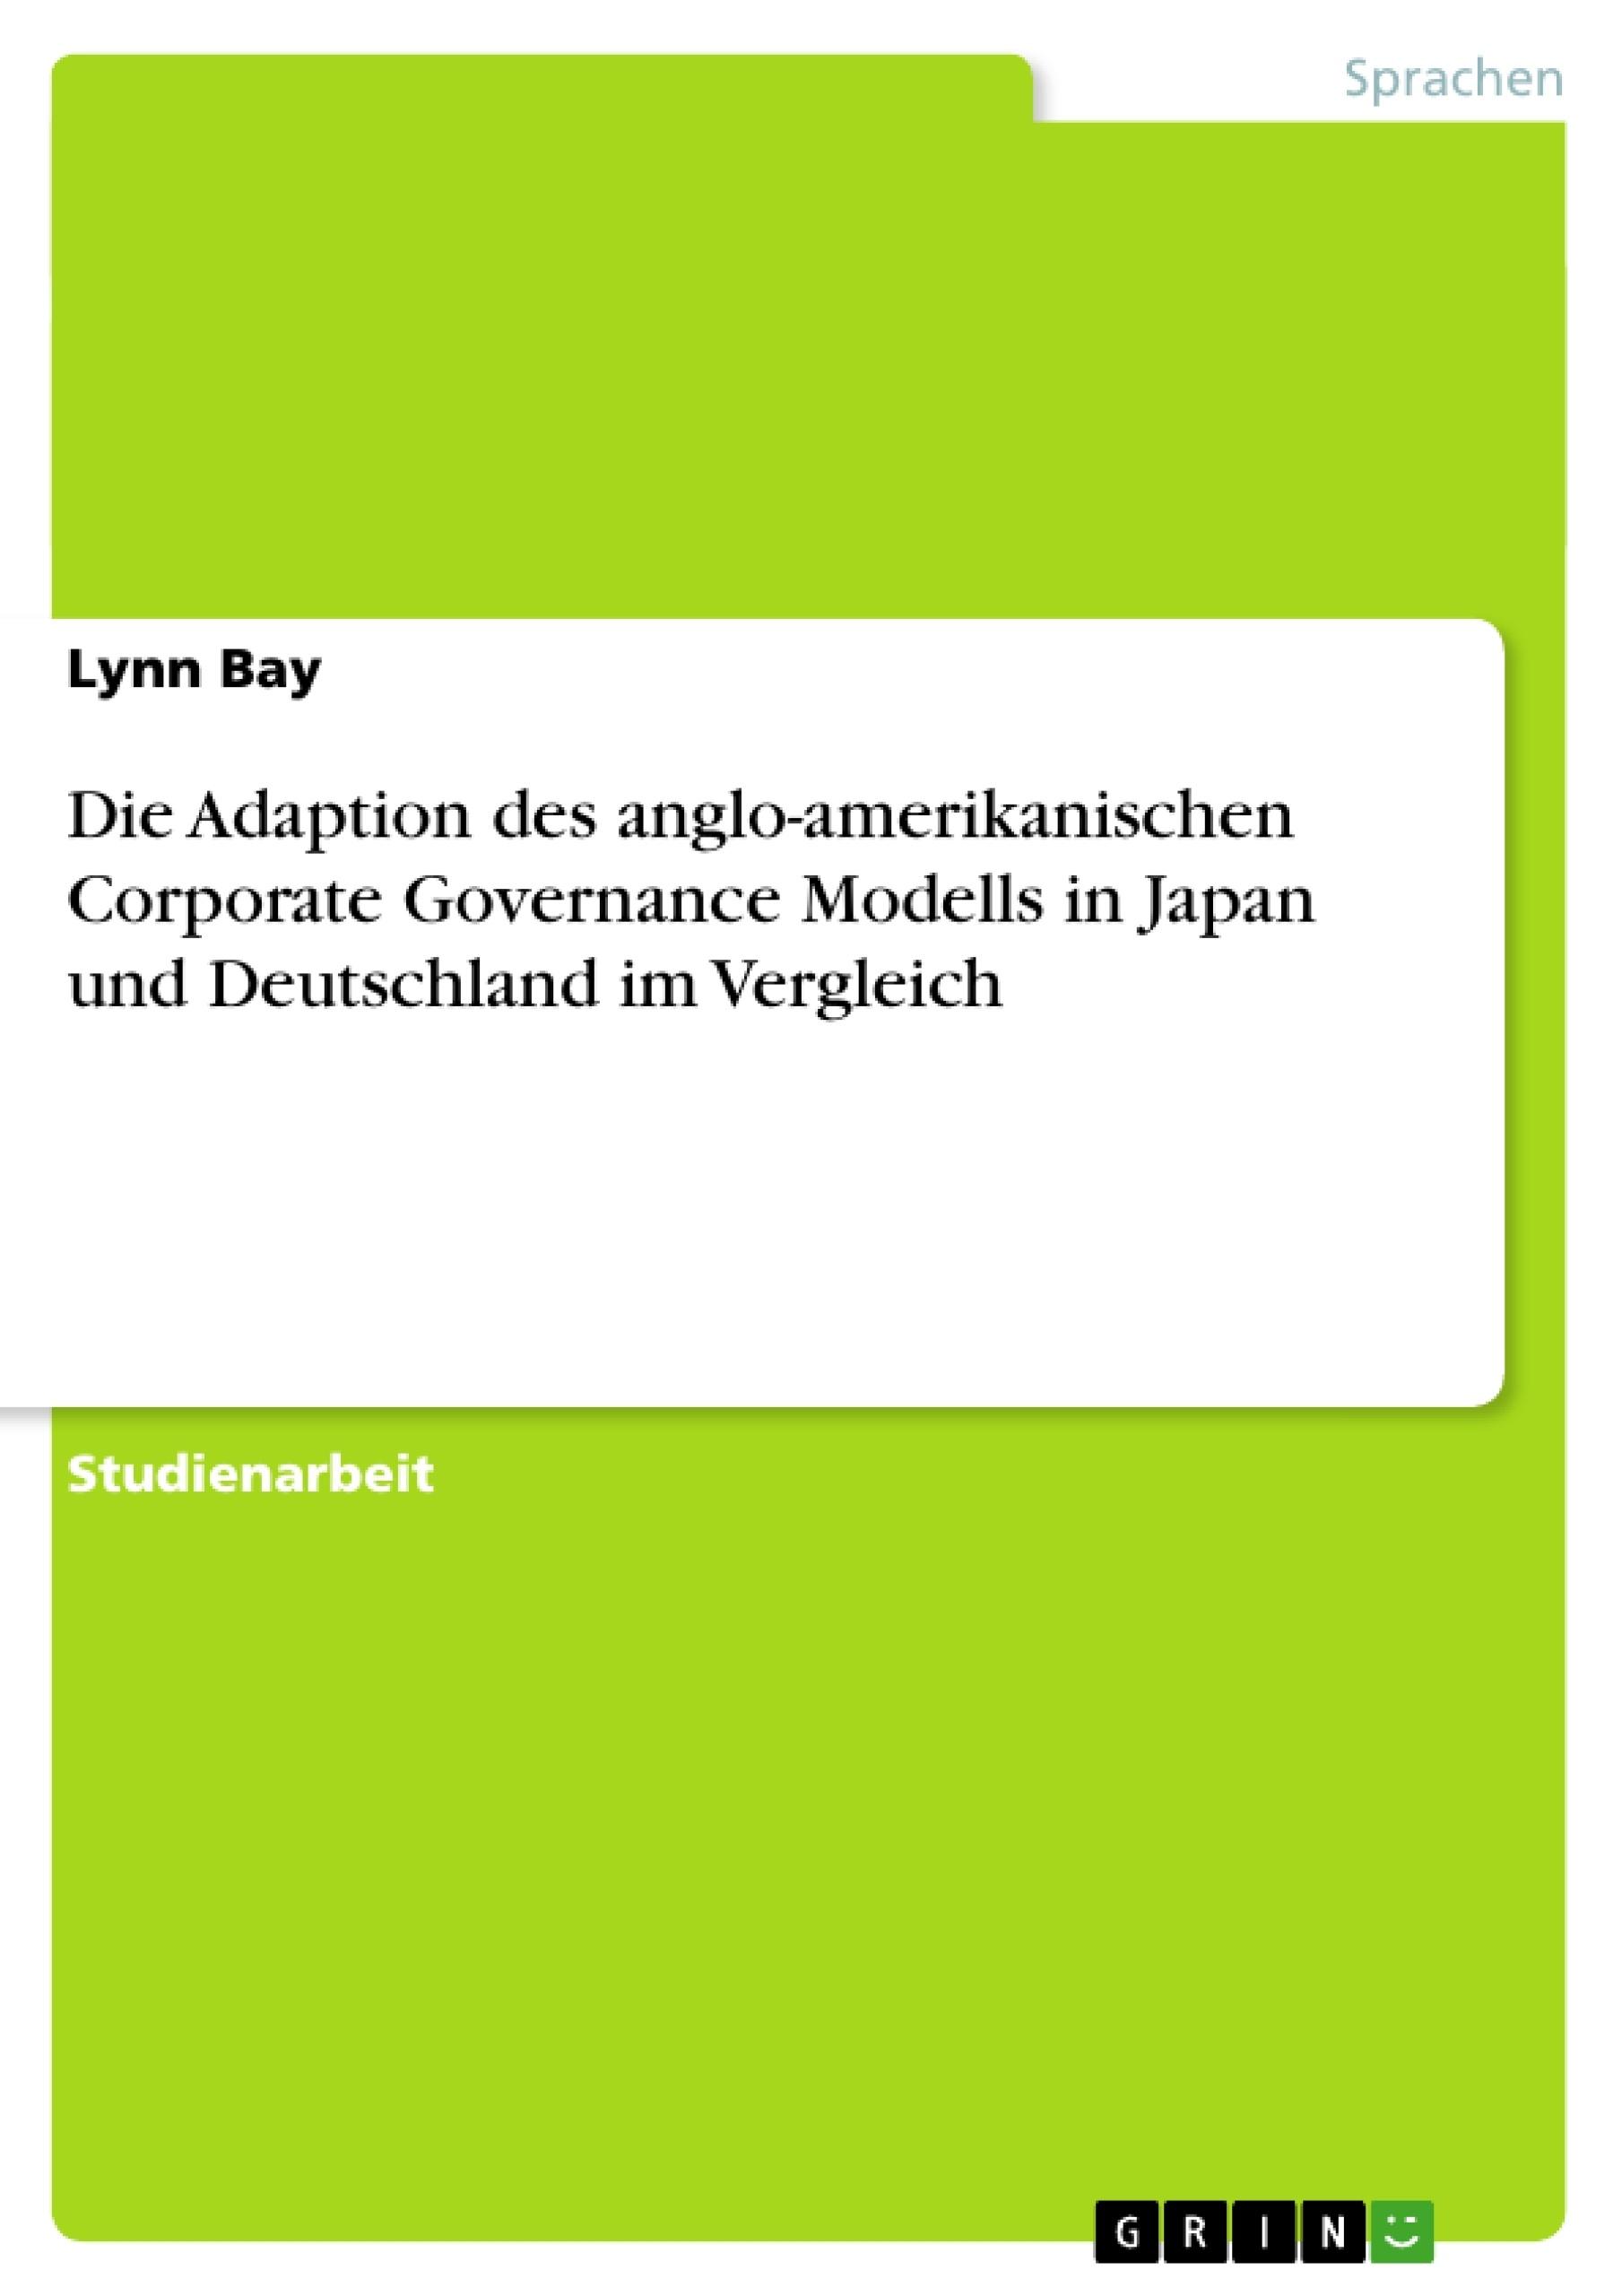 Titel: Die Adaption des anglo-amerikanischen Corporate Governance Modells in Japan und Deutschland im Vergleich